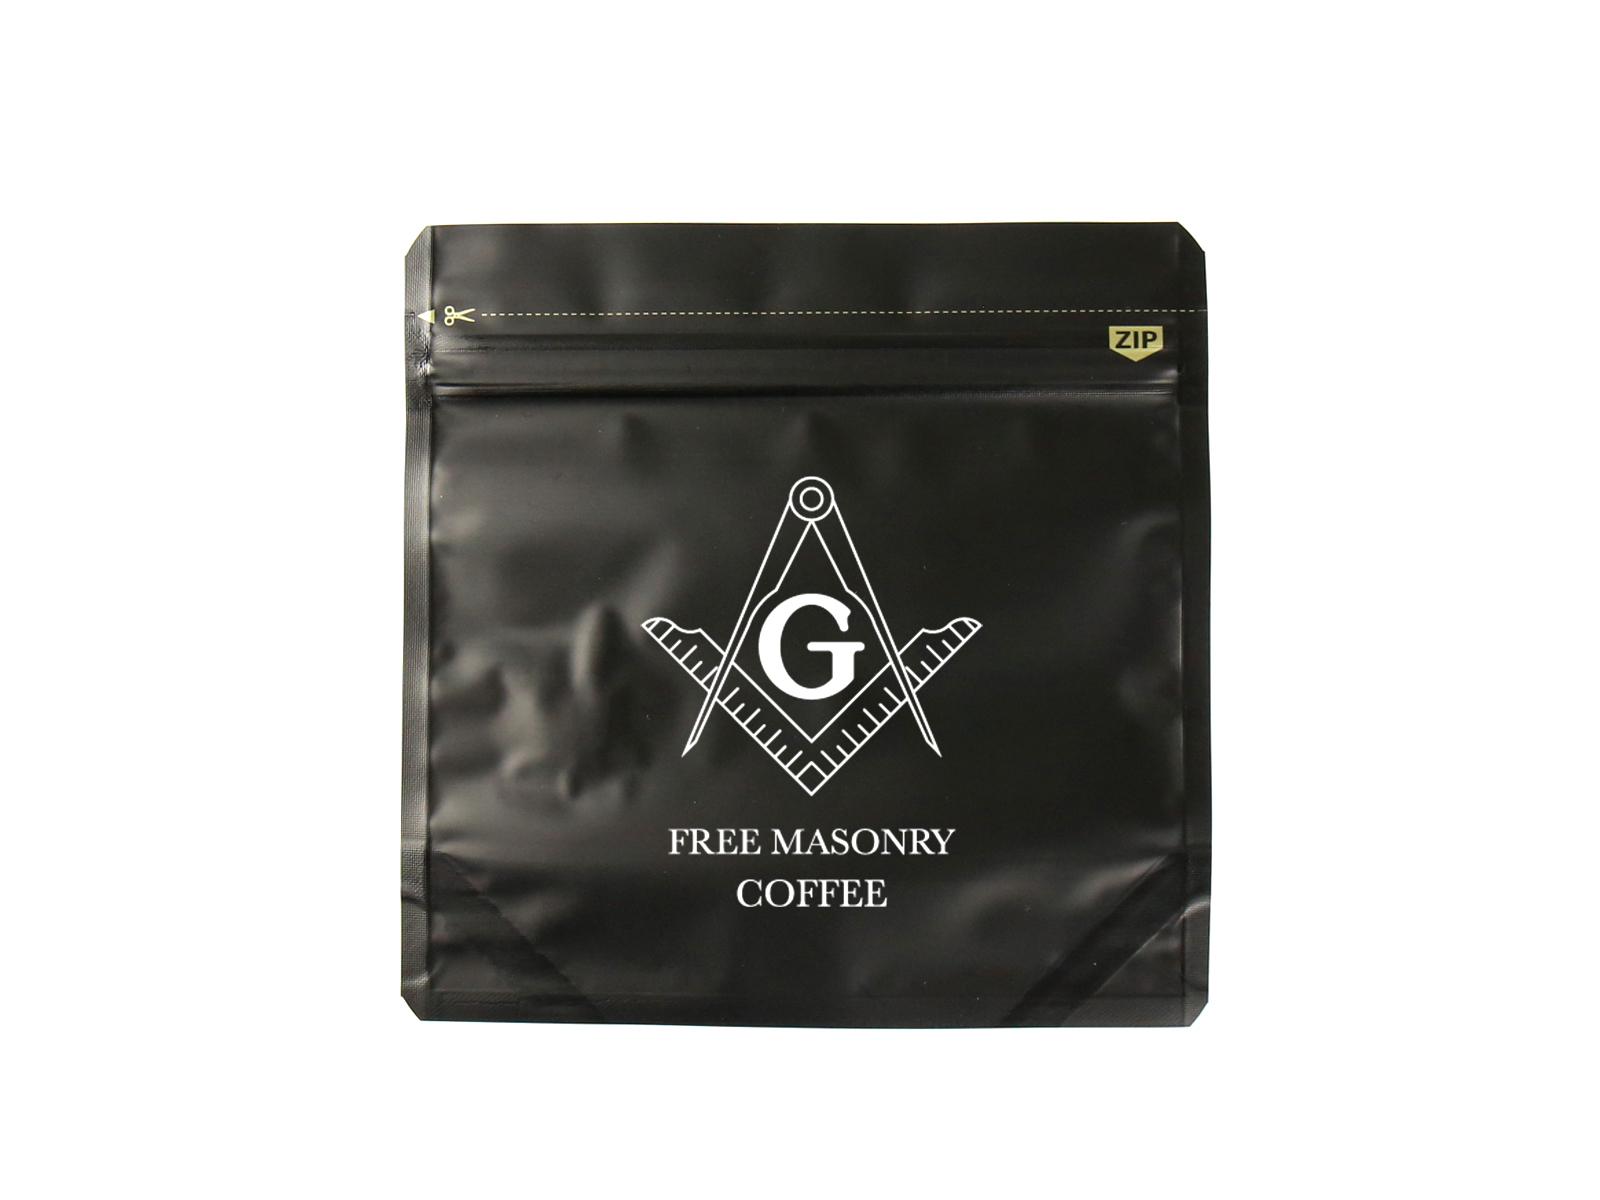 フリーメイソン日本支部の会員監修のコーヒー豆アイテム11種類も同時に販売される